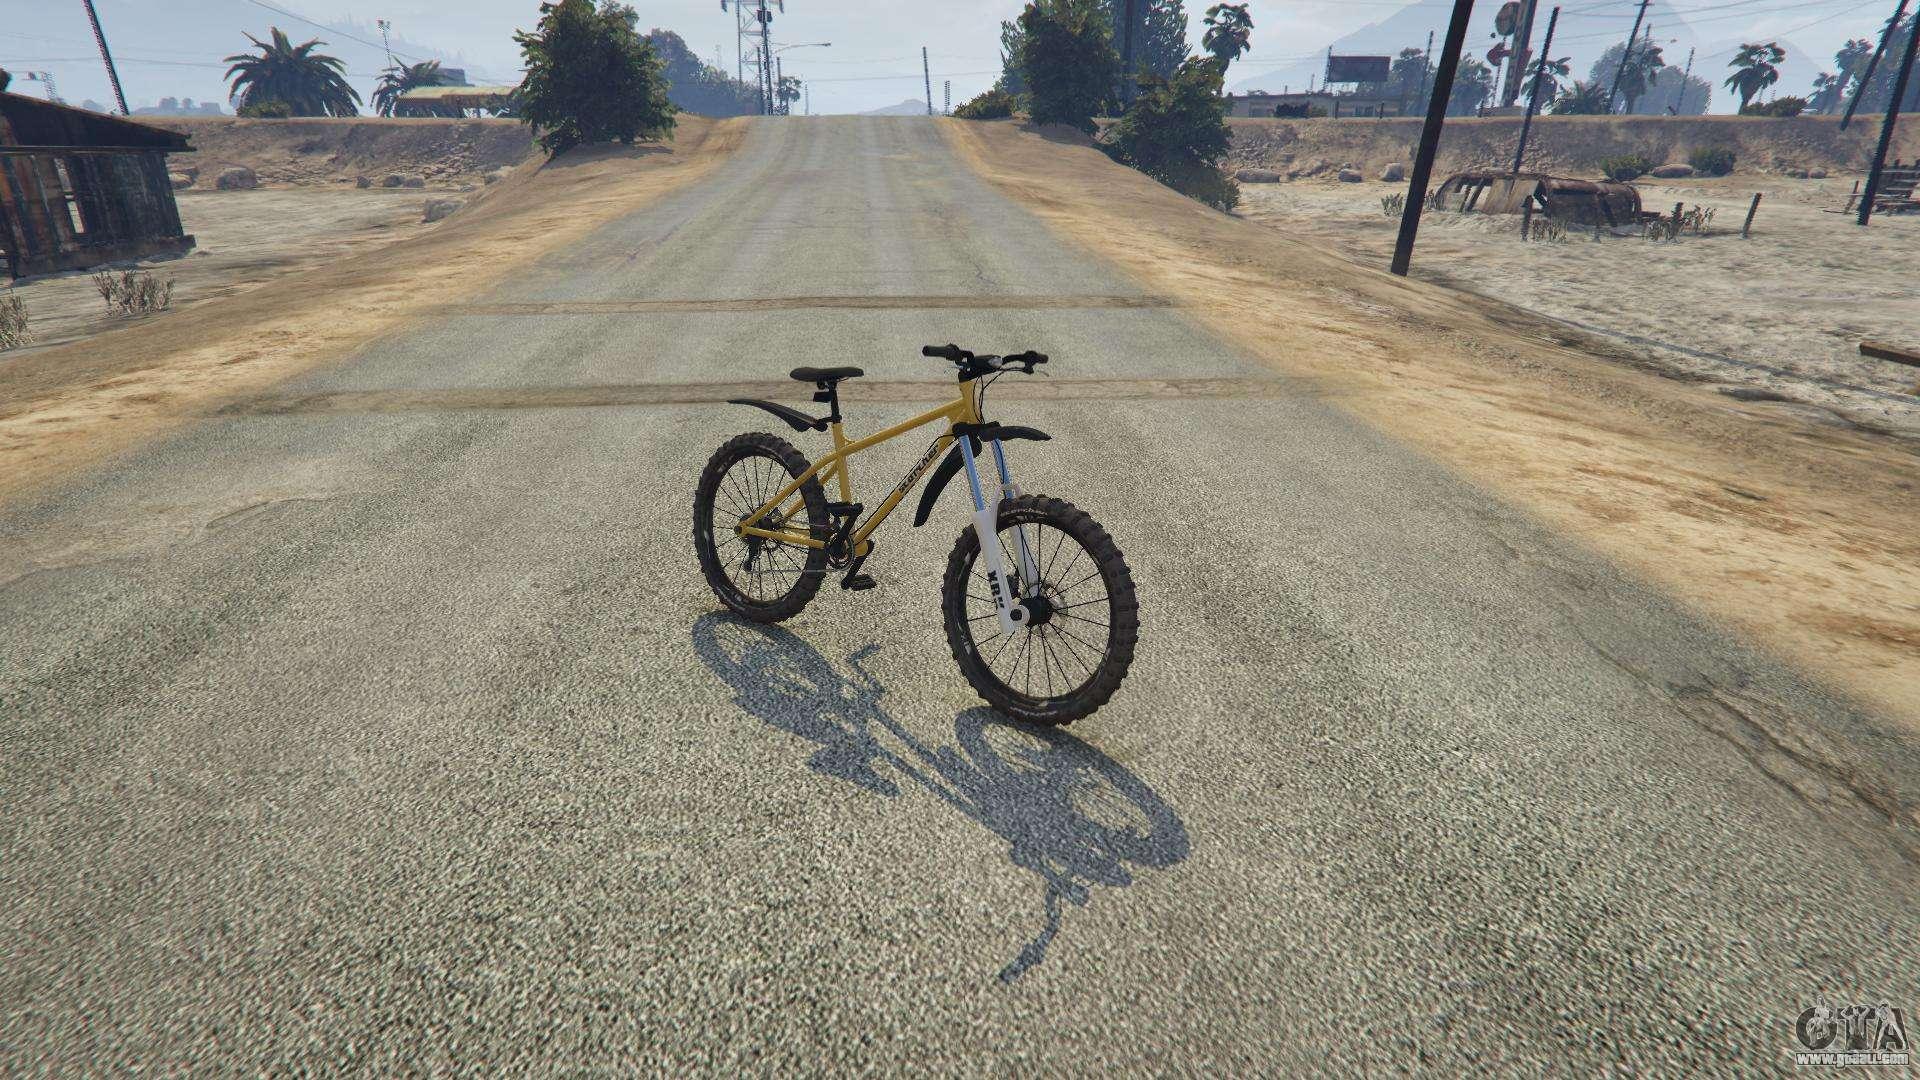 how to buy a bike in gta 5